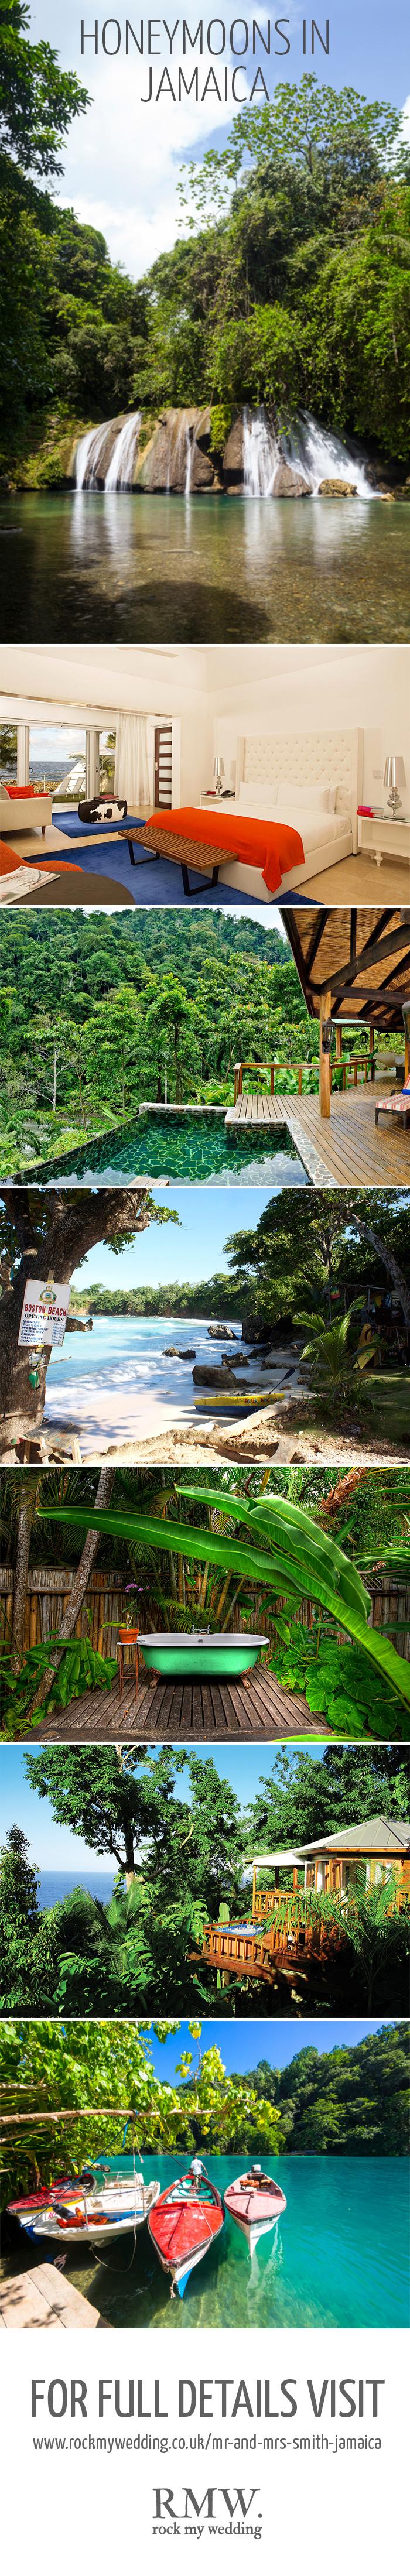 Honeymoons in Jamaica